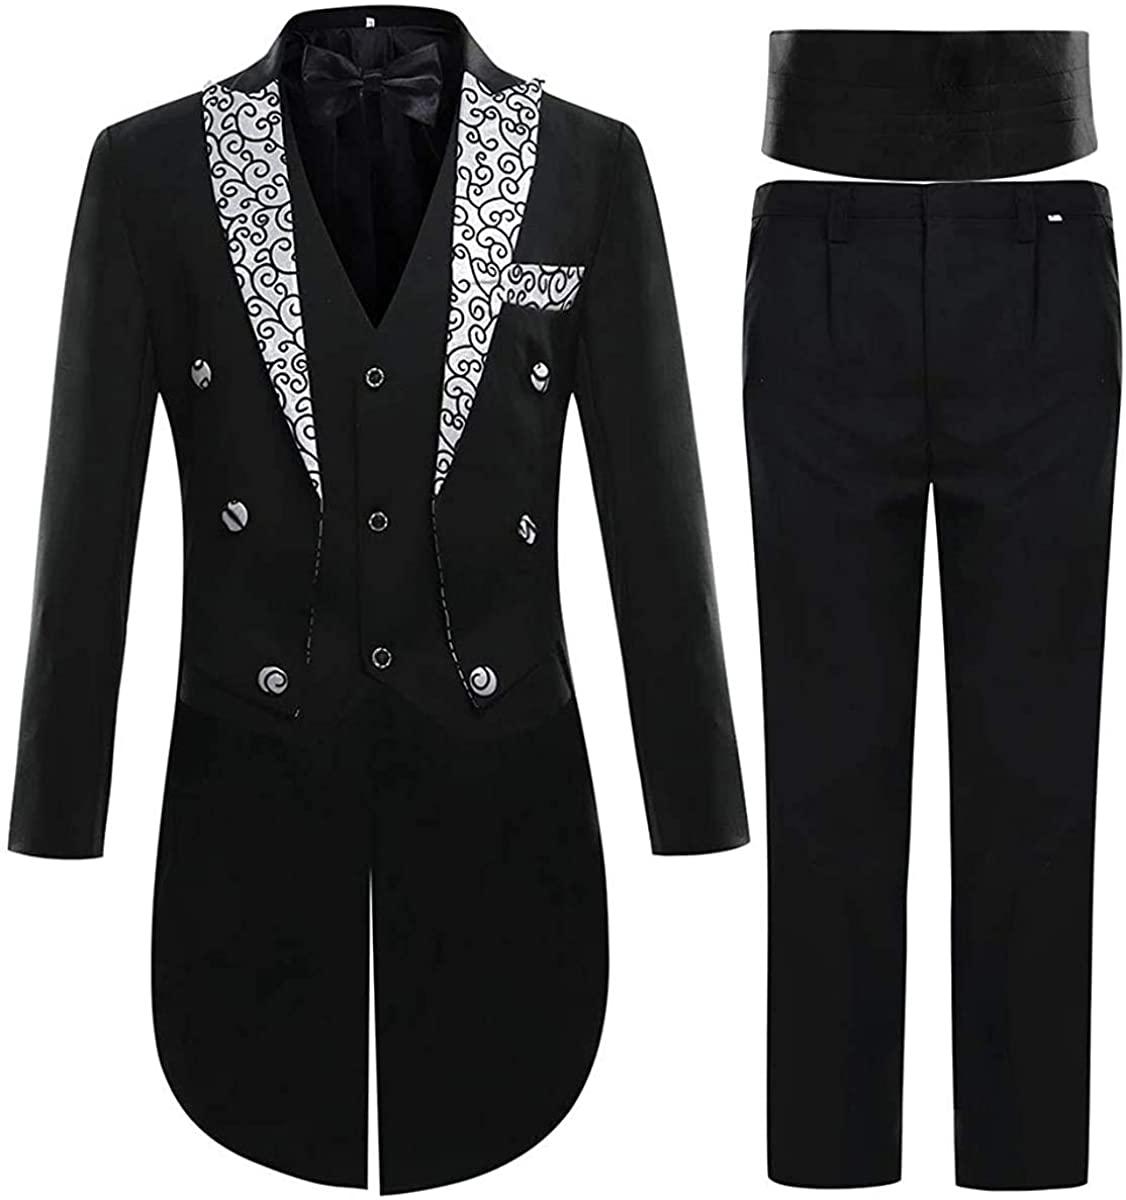 Cloudstyle Mens Tailcoat 3 Piece Dress Suit Slim Fit Swallowtail Tux Jacket & Pants & Vest